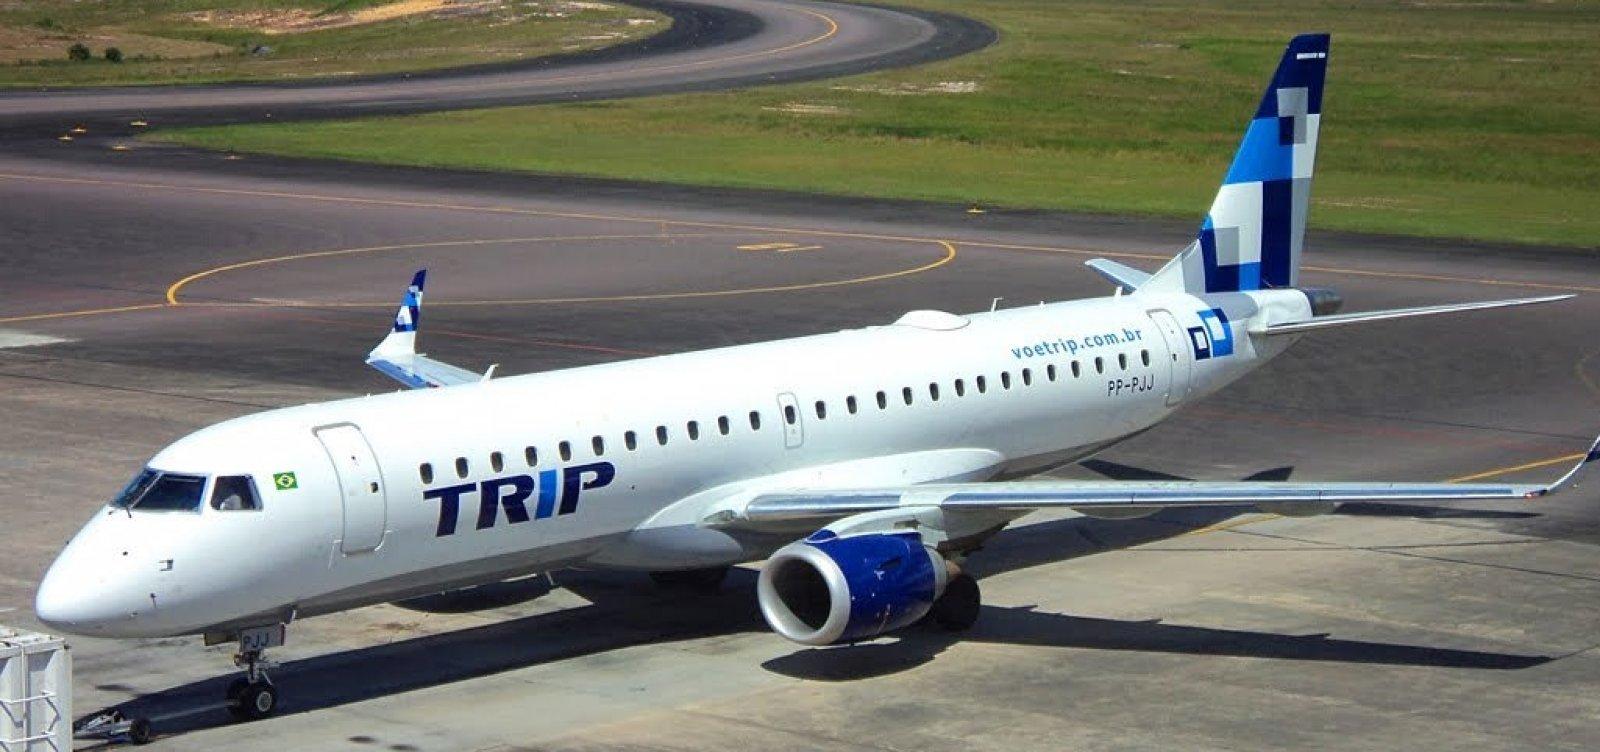 Companhias aéreas aptas a operar voos regulares caíram pela metade no Brasil